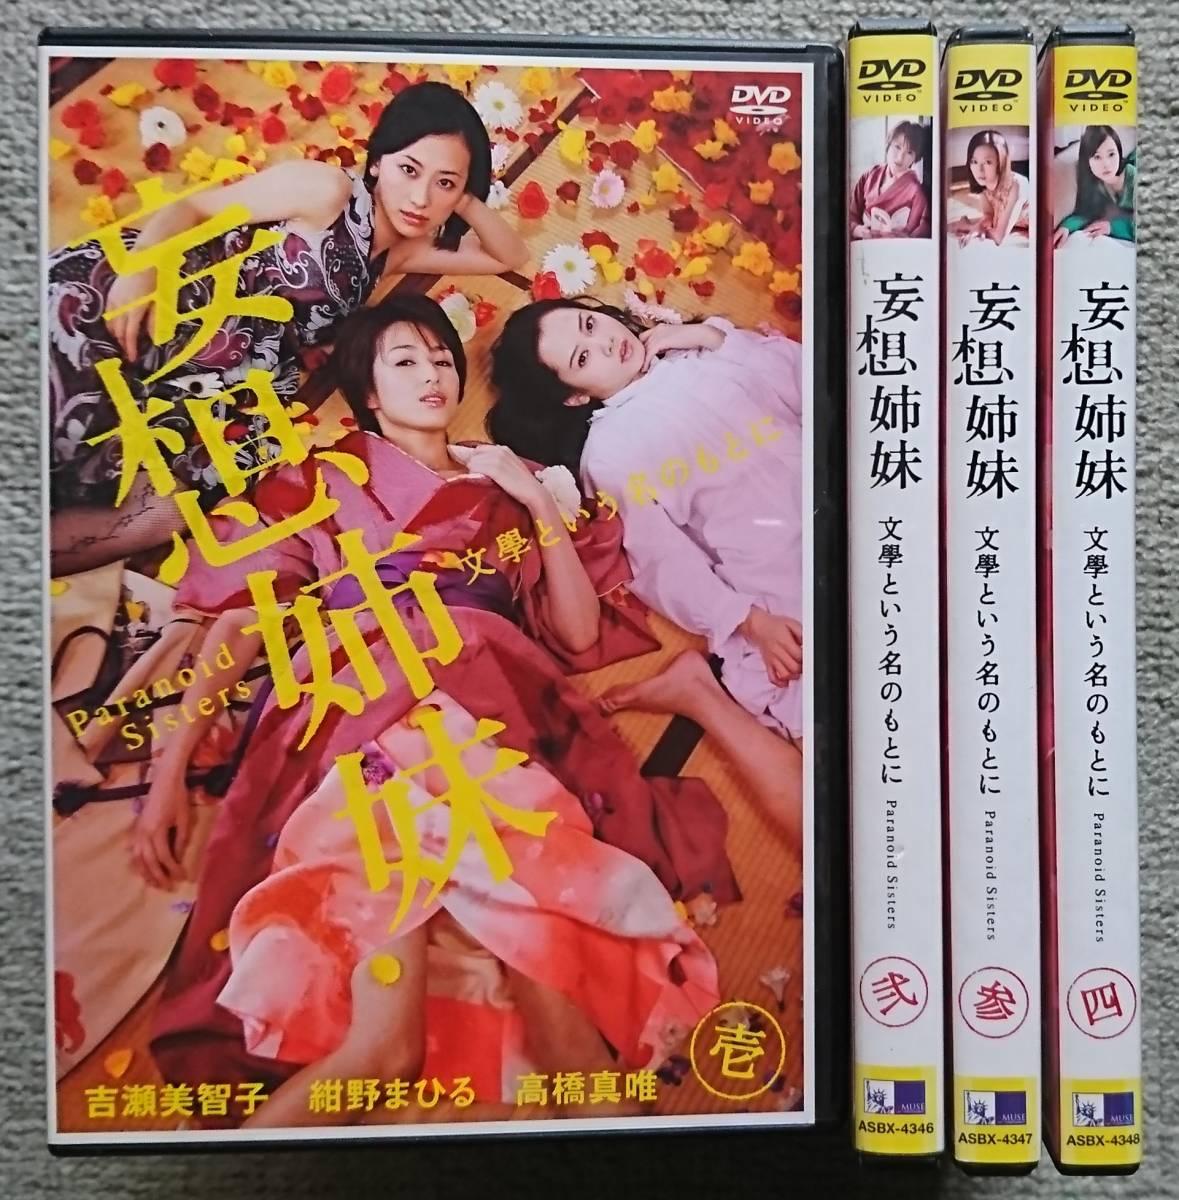 【レンタル版DVD】妄想姉妹 文學という名のもとに 全4巻 吉瀬美智子 グッズの画像